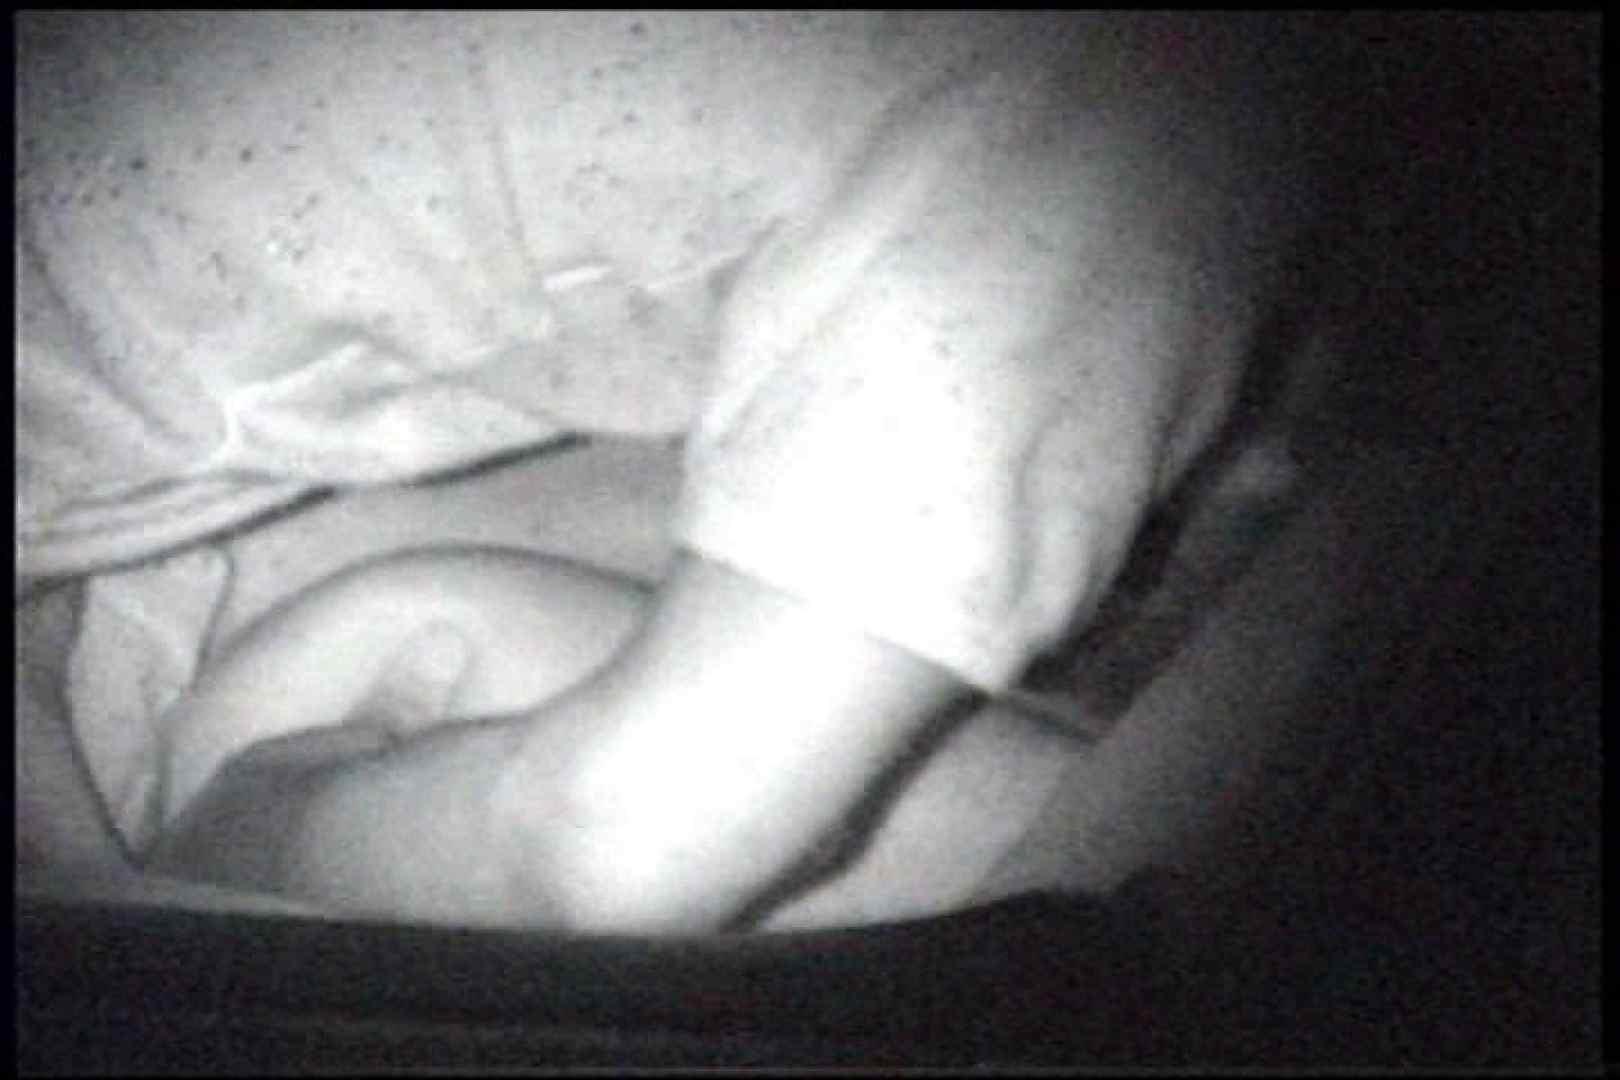 充血監督の深夜の運動会Vol.235 OLエロ画像  97PICs 14